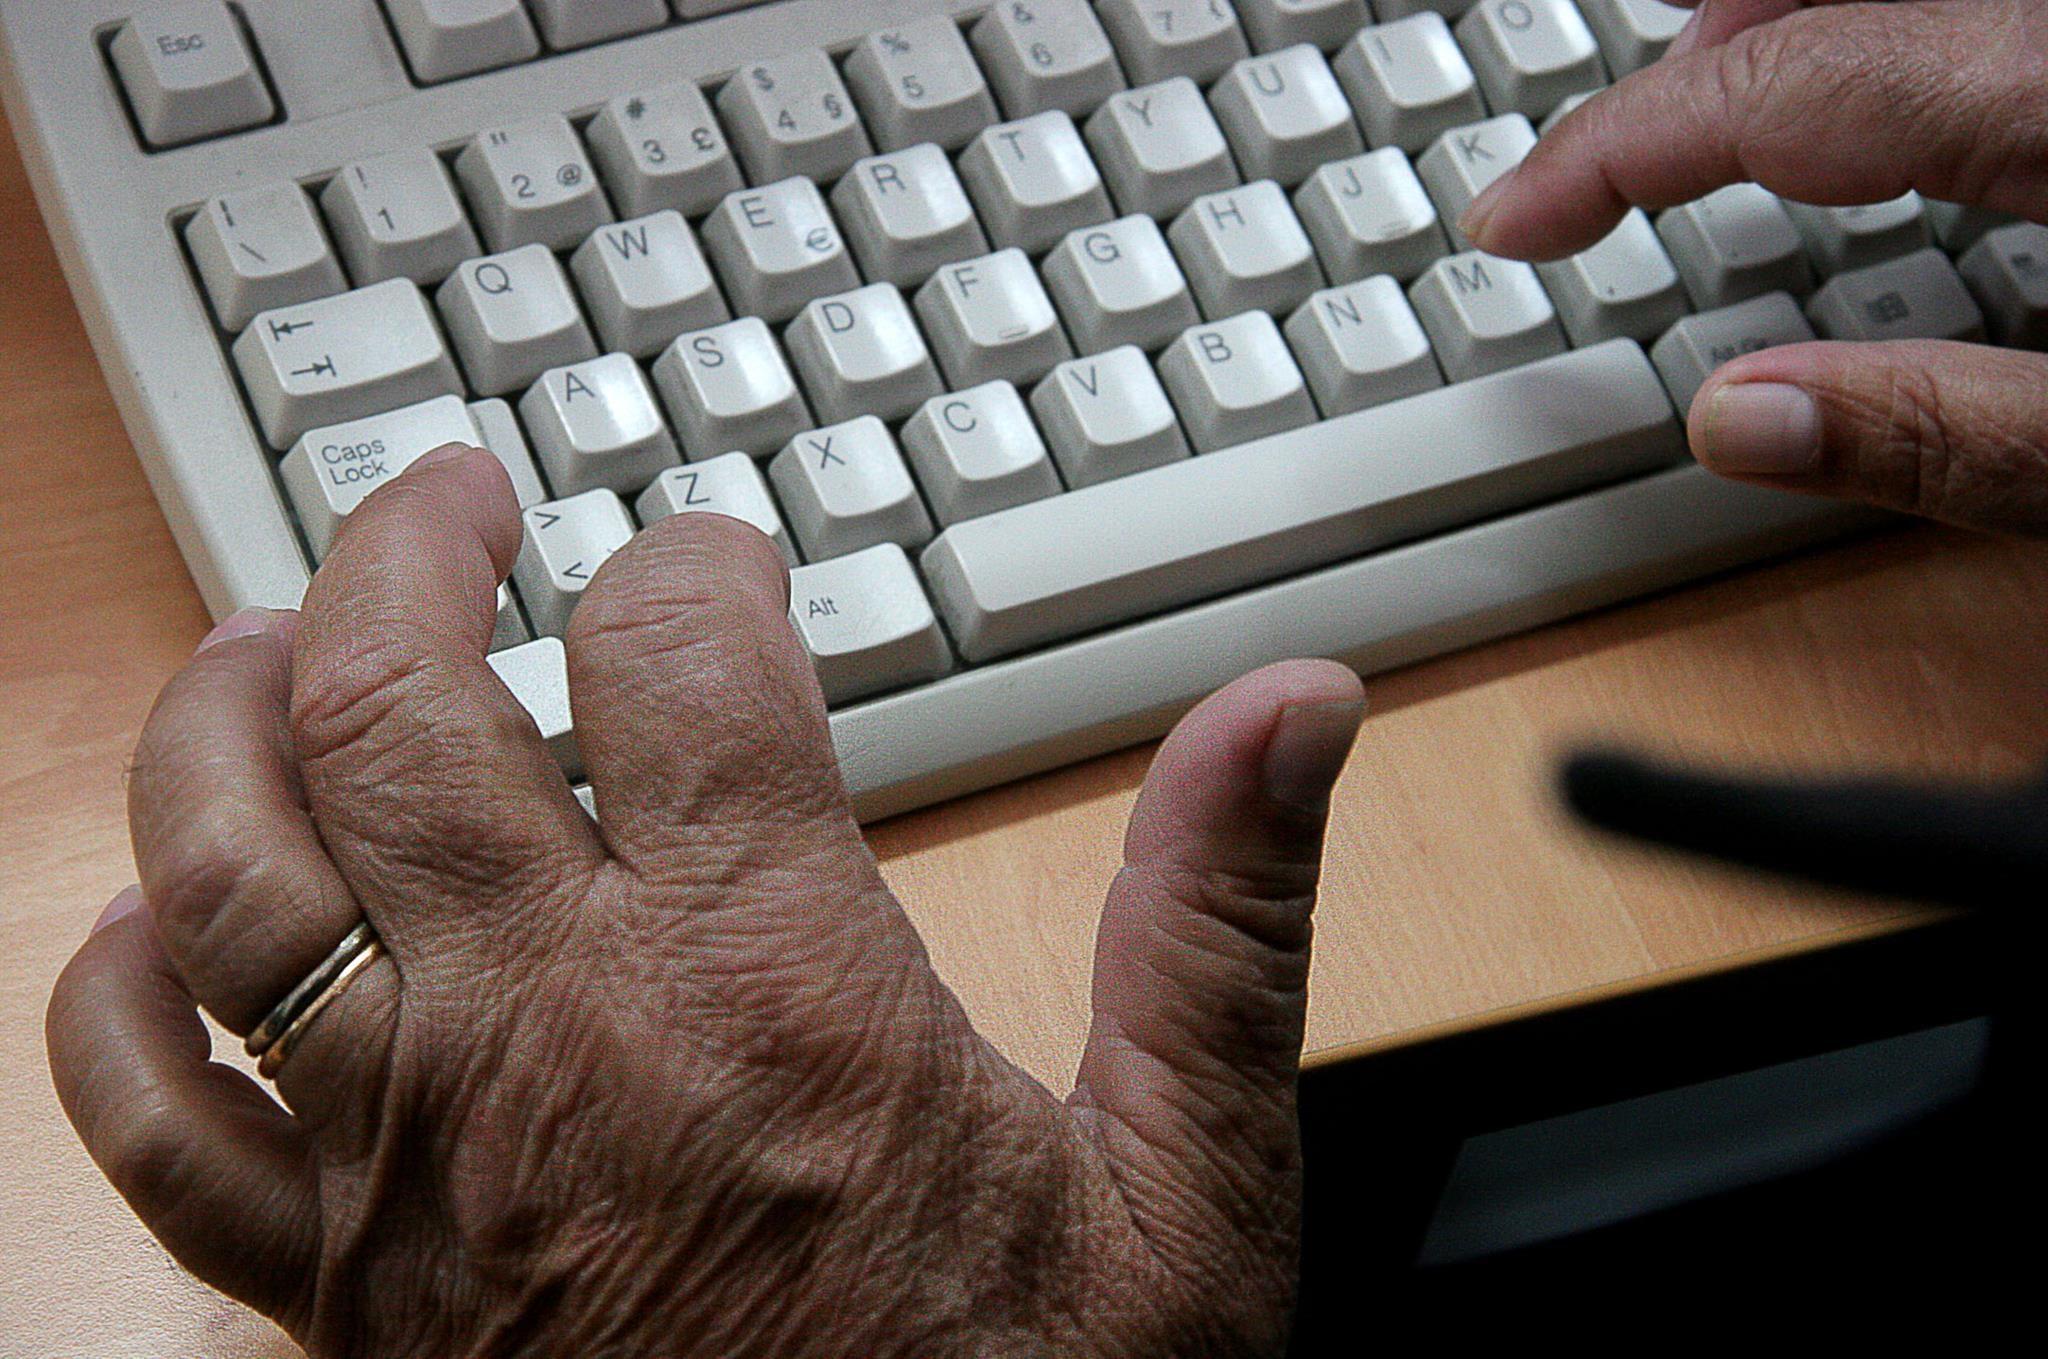 PÚBLICO - O que pode a tecnologia fazer pelas pessoas mais velhas?